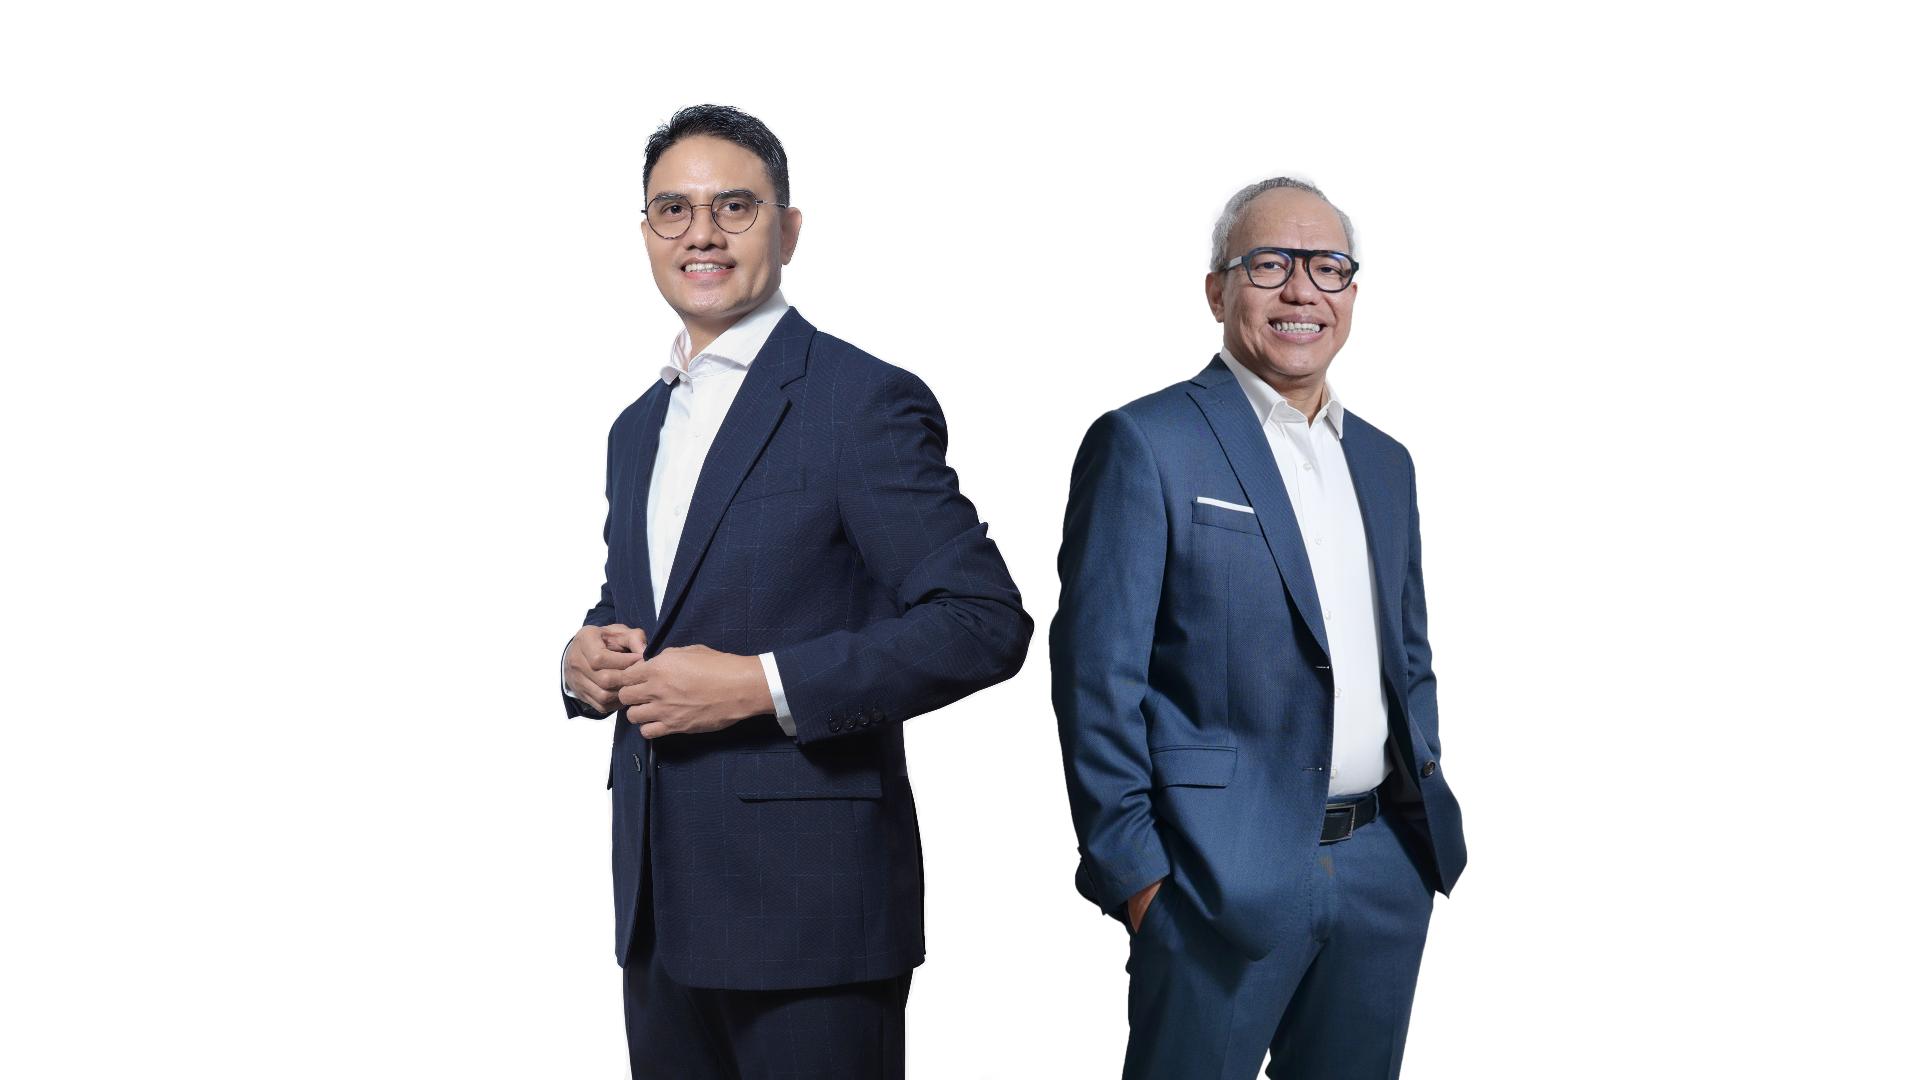 Pendiri WHE Law Firm, William Setiawan Palijama dan Hendrik Silalahi. Foto: istimewa.